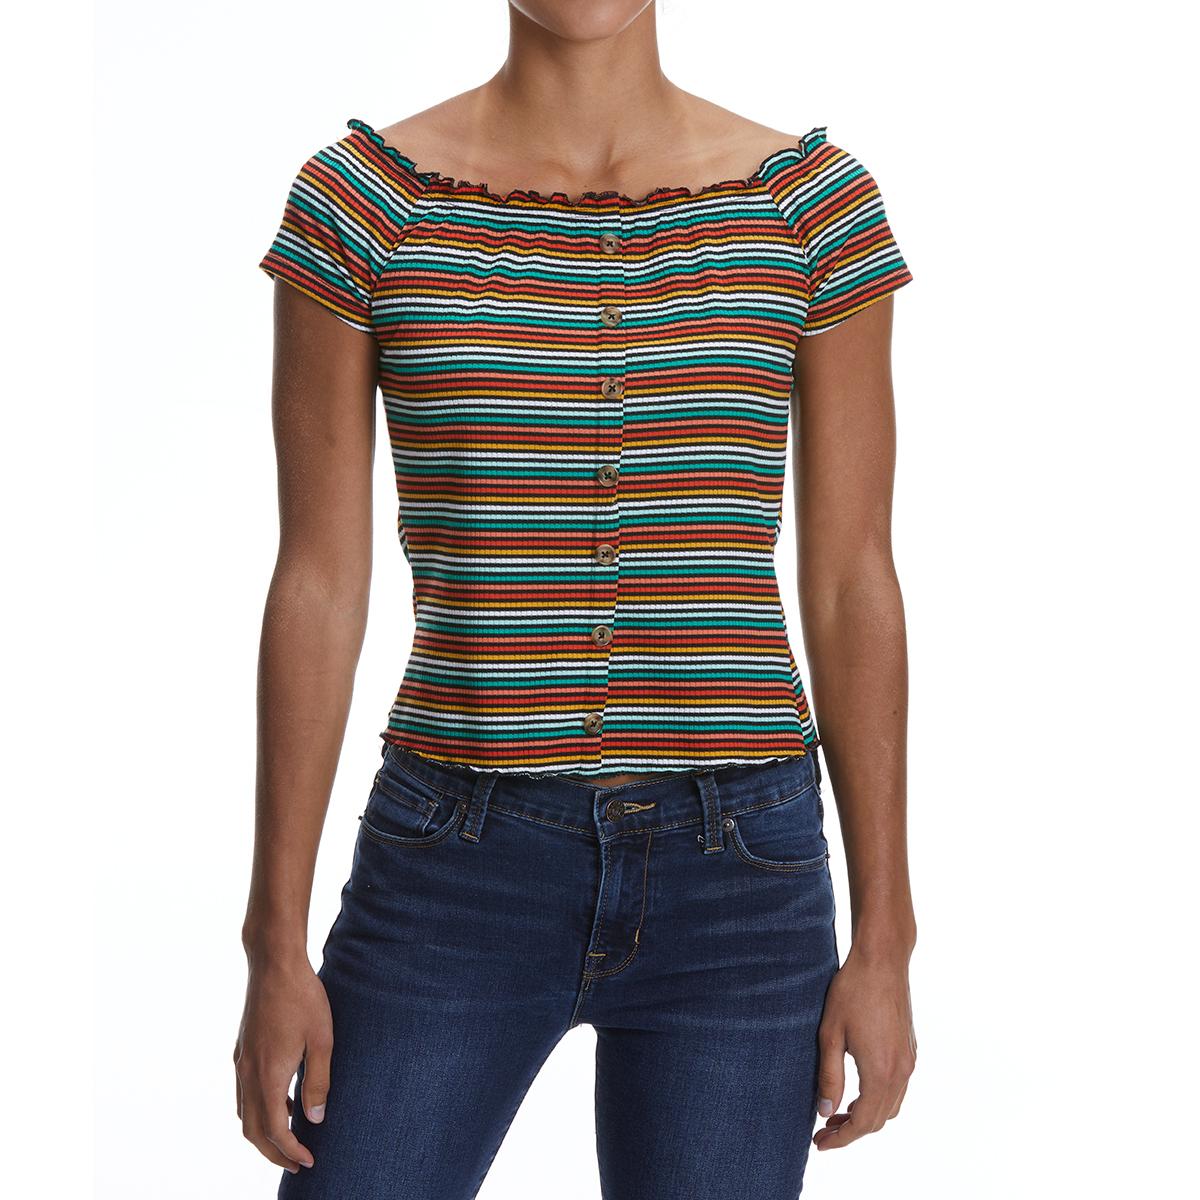 No Comment Juniors' Off-The-Shoulder Short-Sleeve Shirt - Black, XL